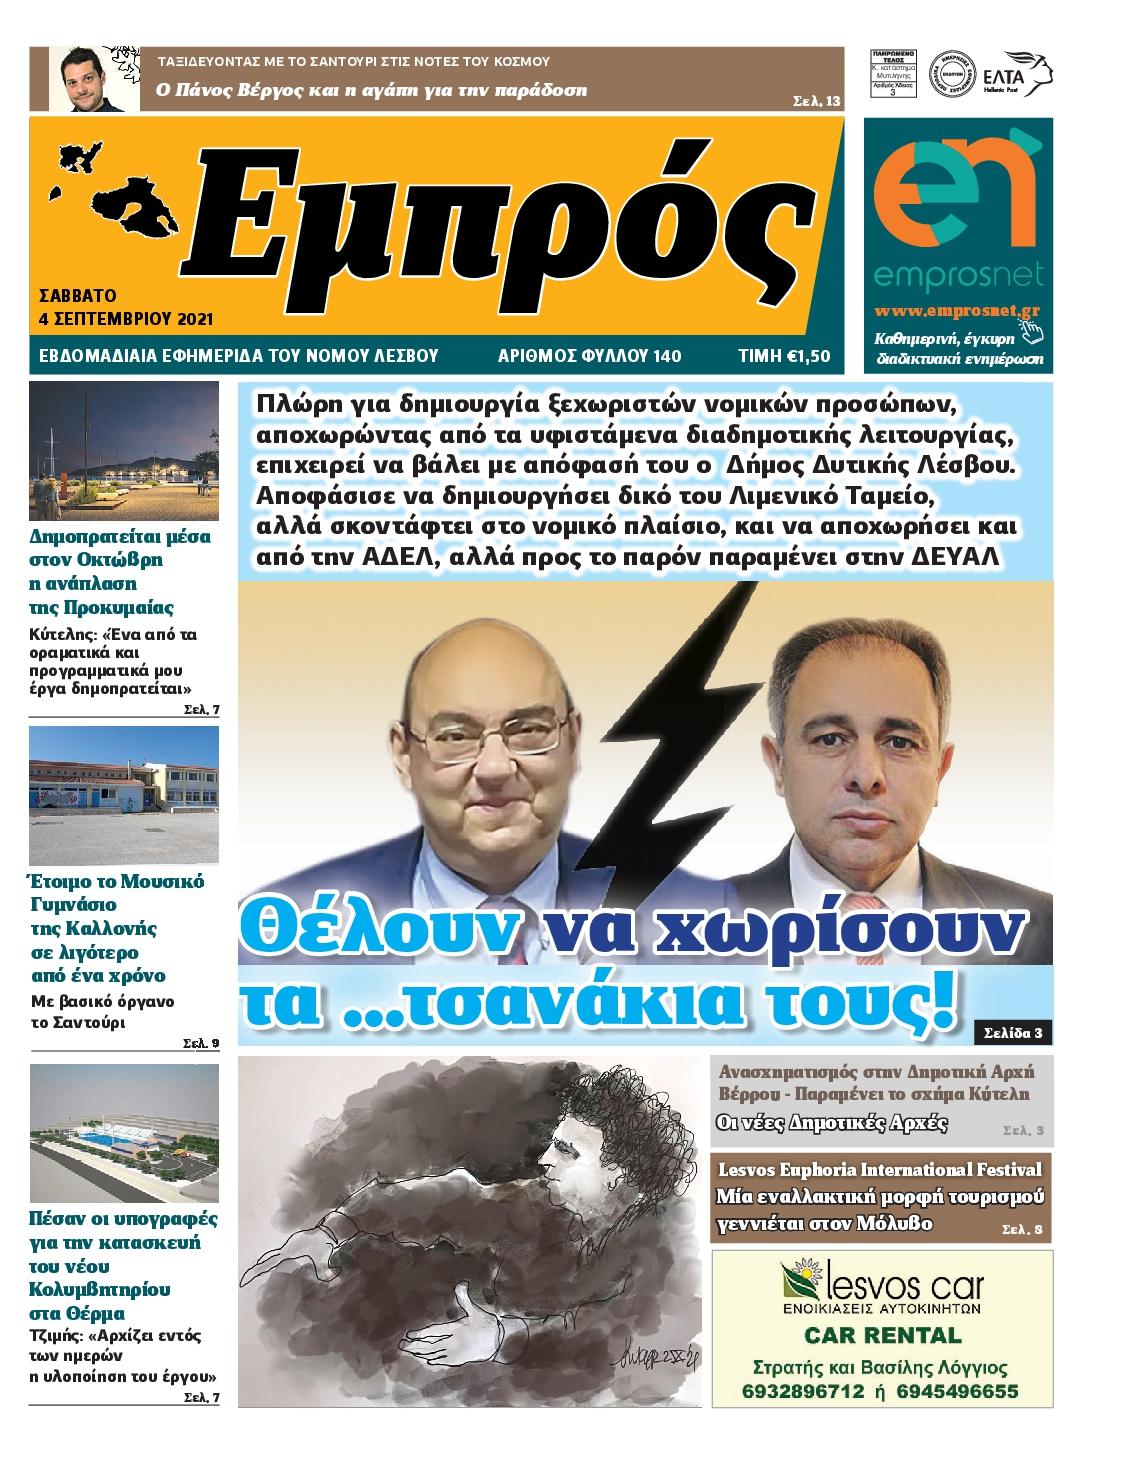 ΕΜΠΡΟΣ ΛΕΣΒΟΥ – 04/09/2021